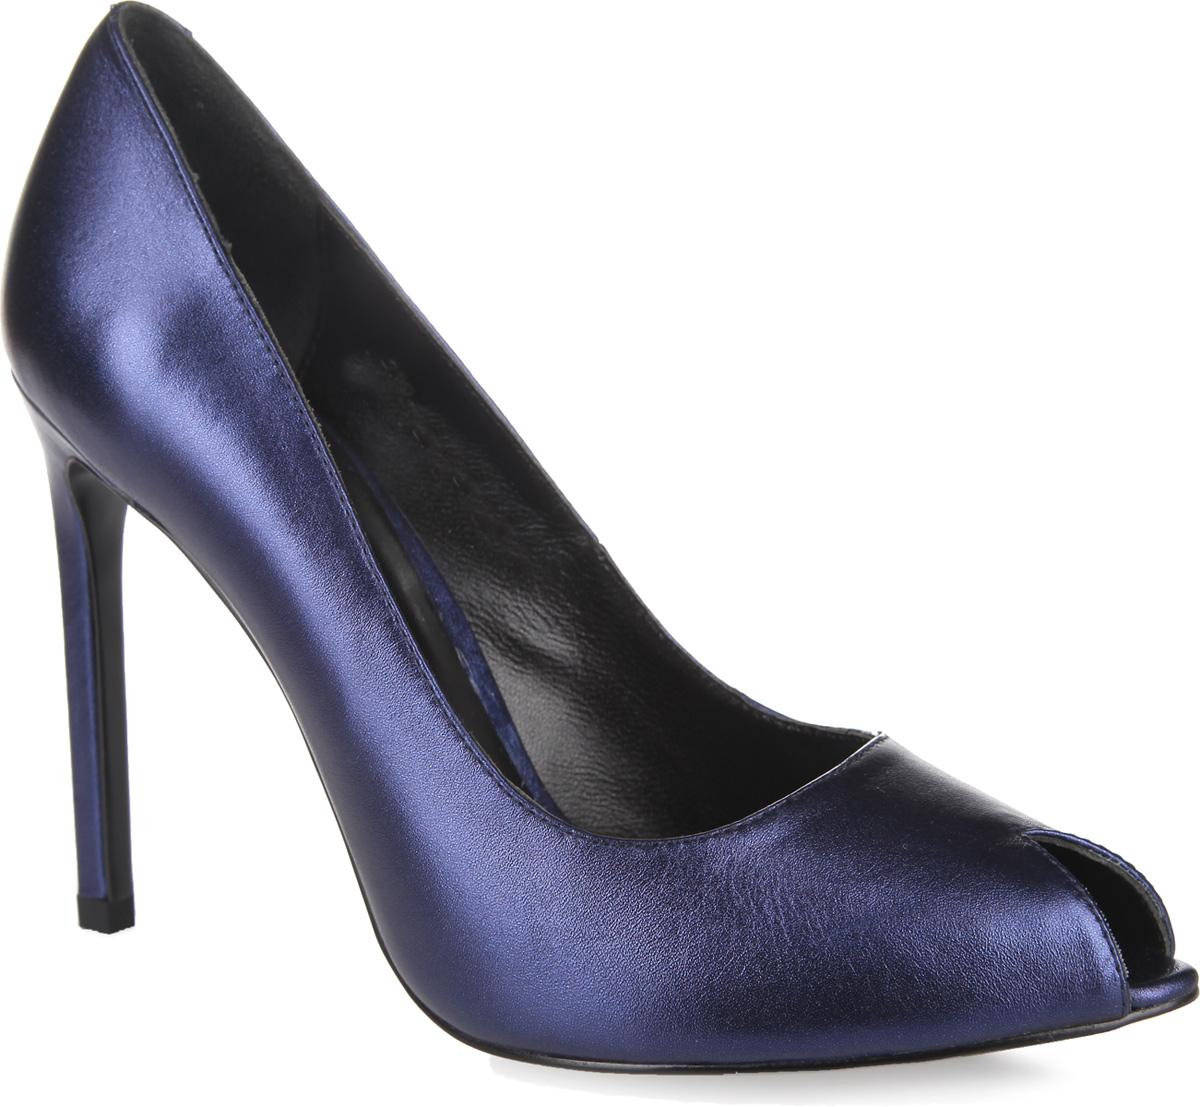 Туфли женские. 308-01-FX-20-KK308-01-FX-20-KKЭлегантные туфли на шпильке от Calipso станут прекрасным дополнением летнего гардероба. Верх модели выполнен из натуральной кожи с блестящей поверхностью. Зауженный мысок, оформленный вырезом, добавит женственности в ваш образ. Высокий тонкий каблук подчеркнет красоту и стройность ваших ног. Внутренняя часть и стелька из натуральной кожи гарантируют комфорт и удобство. Подошва оснащена рифлением для лучшего сцепления с поверхностями. Такие туфли сделают вас ярче и подчеркнут вашу индивидуальность!